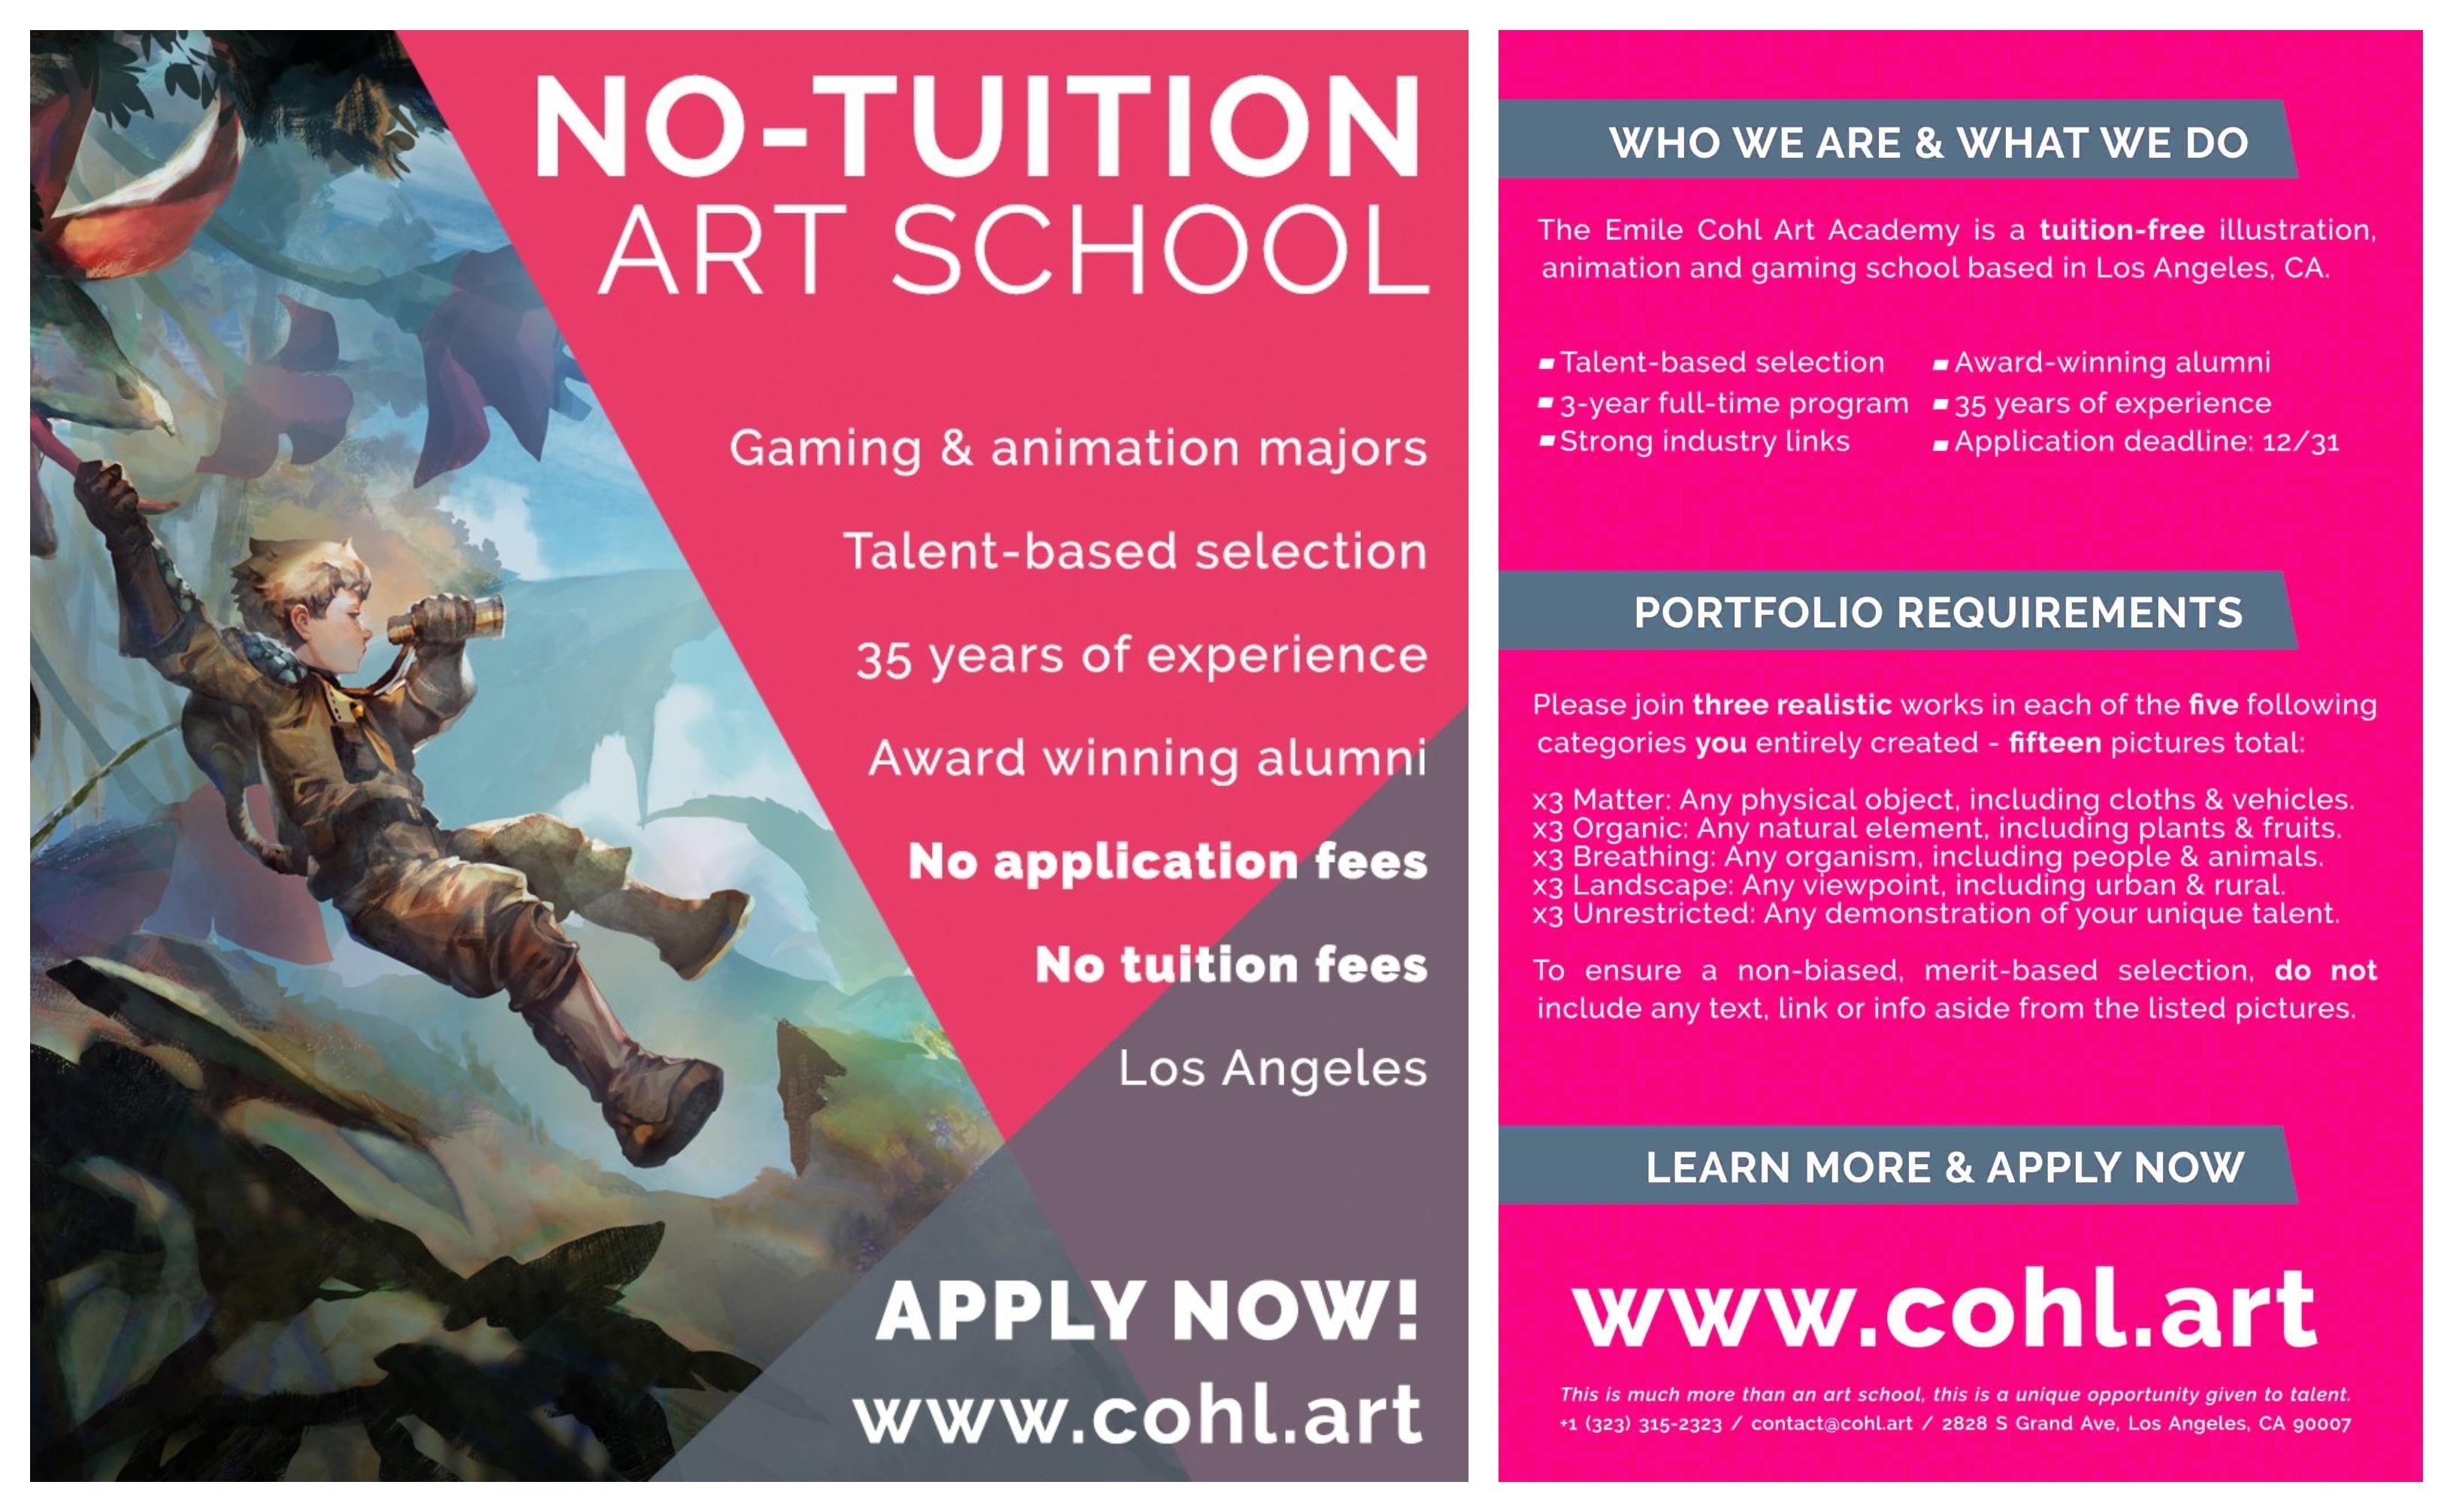 No-Tuition Art School